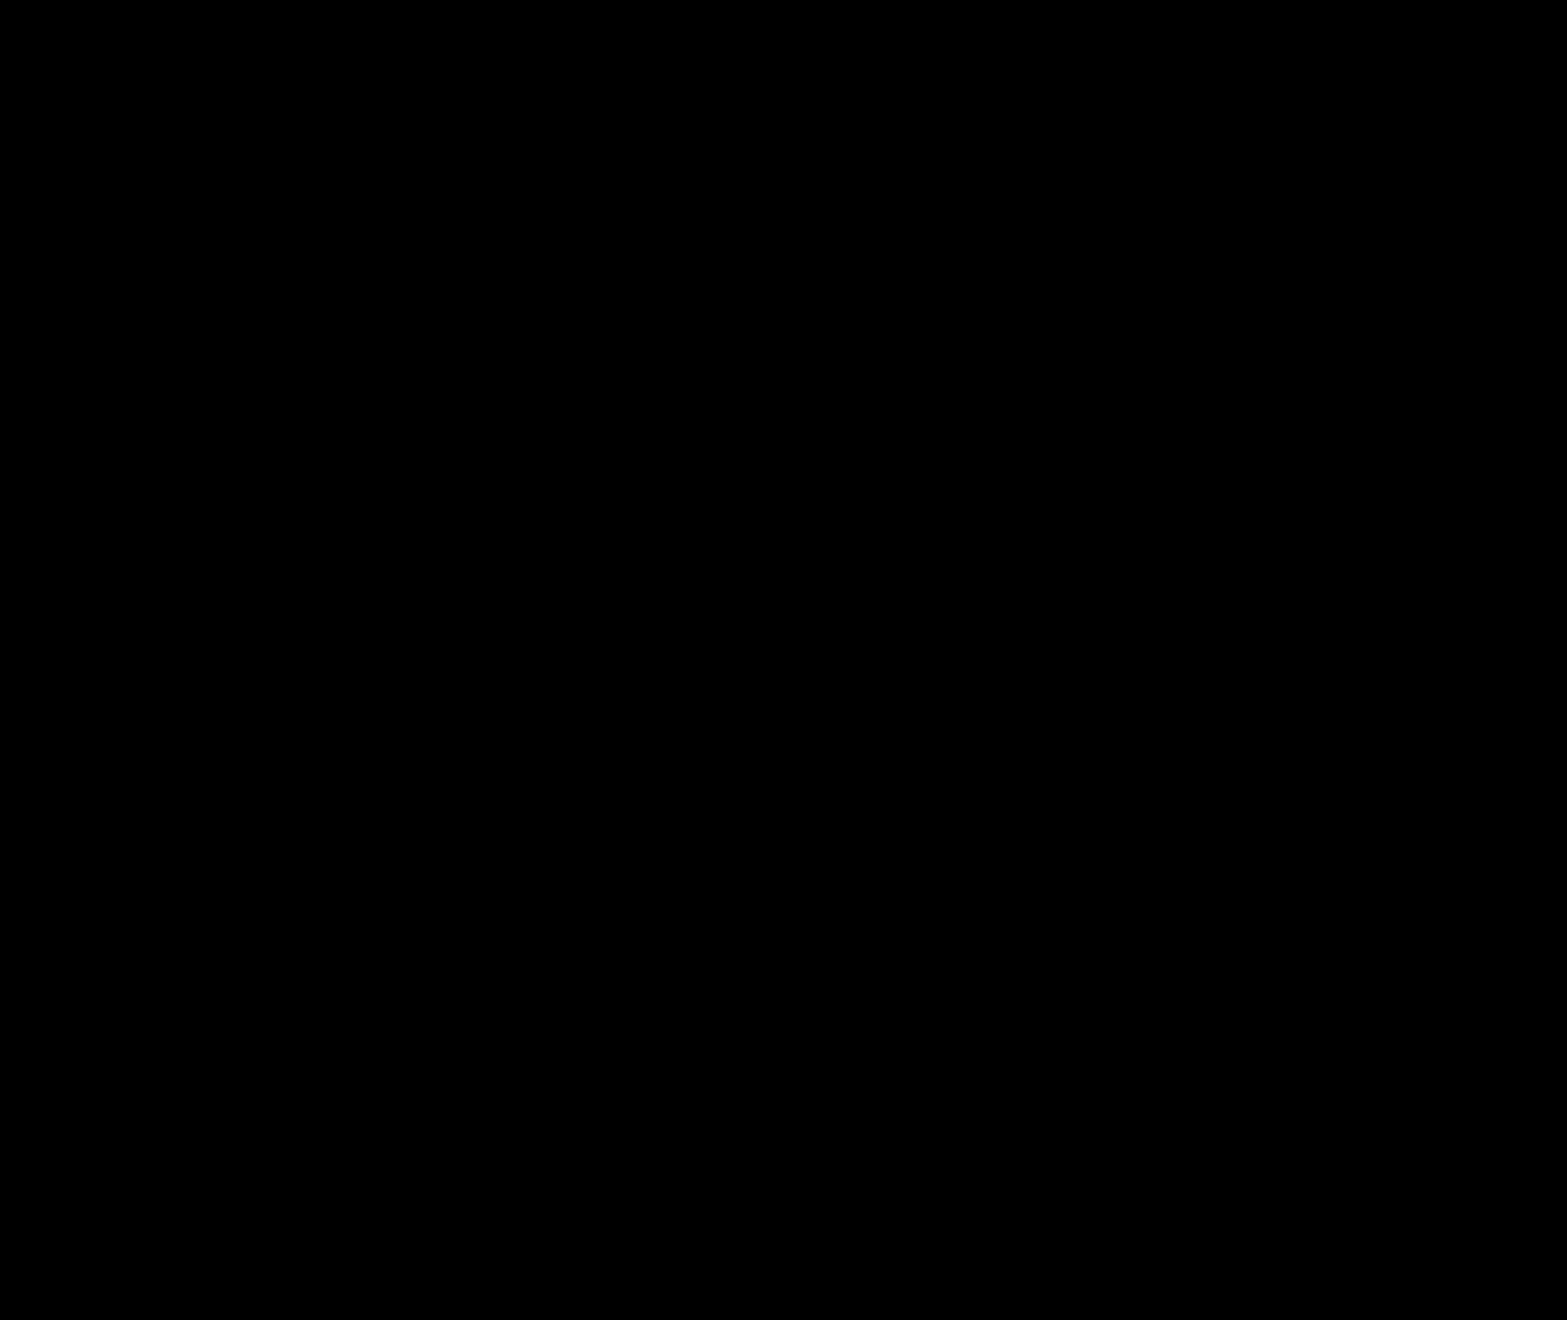 Подробно о корутинах в C++ - 2